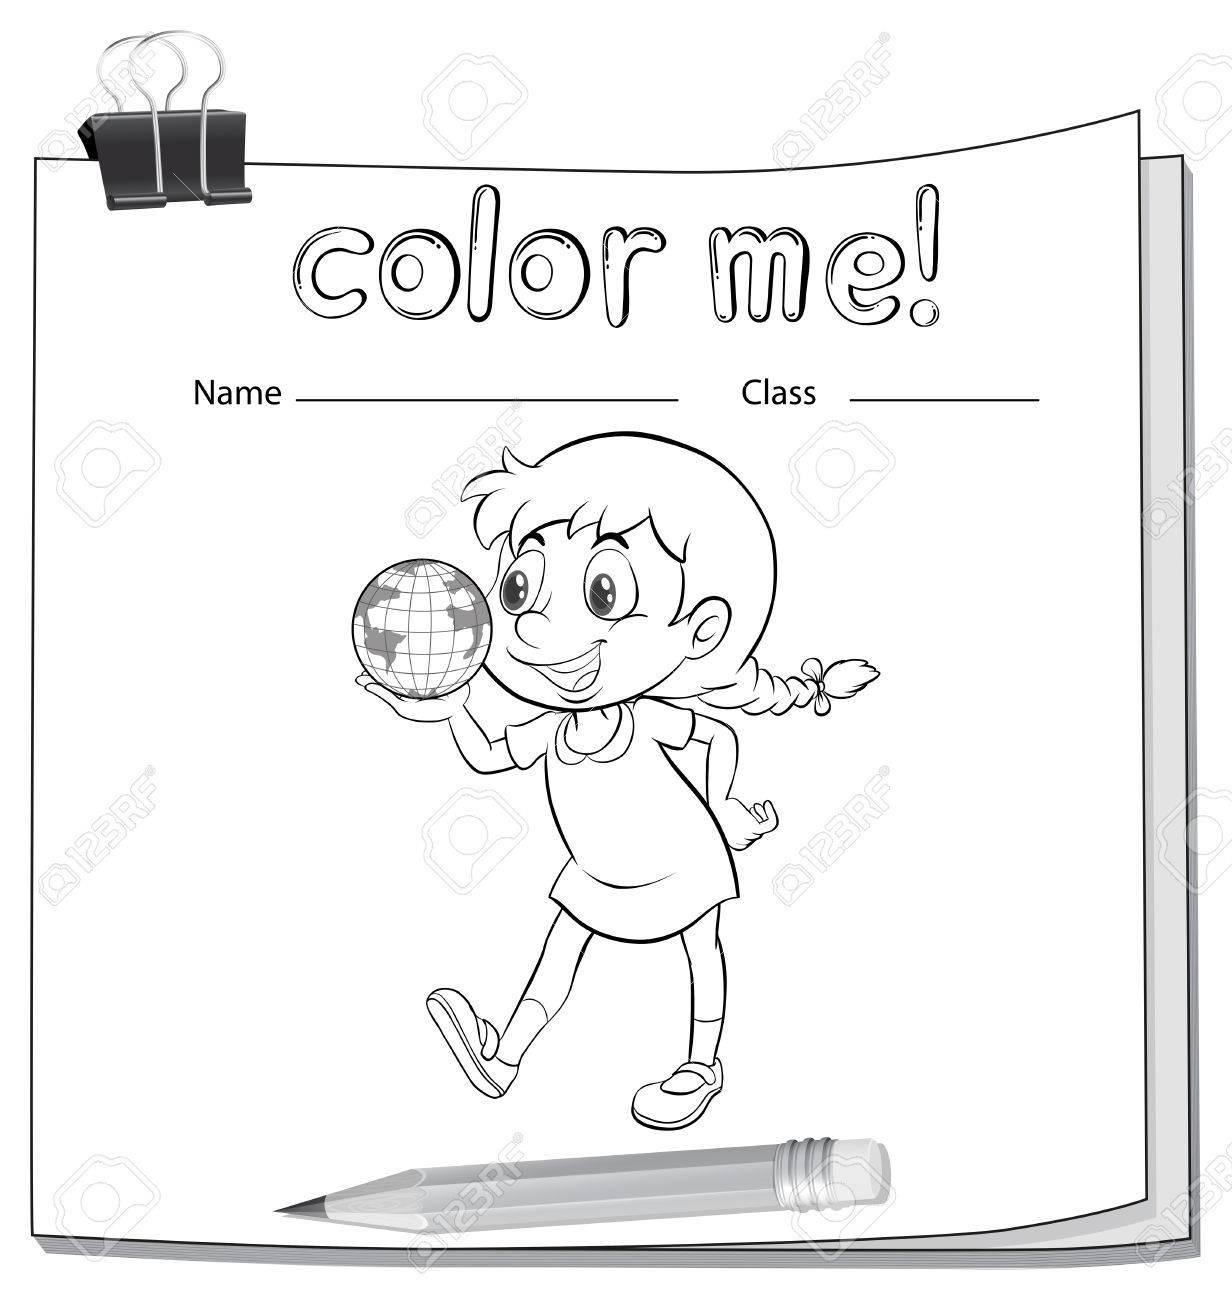 Färbung Arbeitsblatt Mit Einem Kleinen Mädchen Mit Einem Globus Auf ...